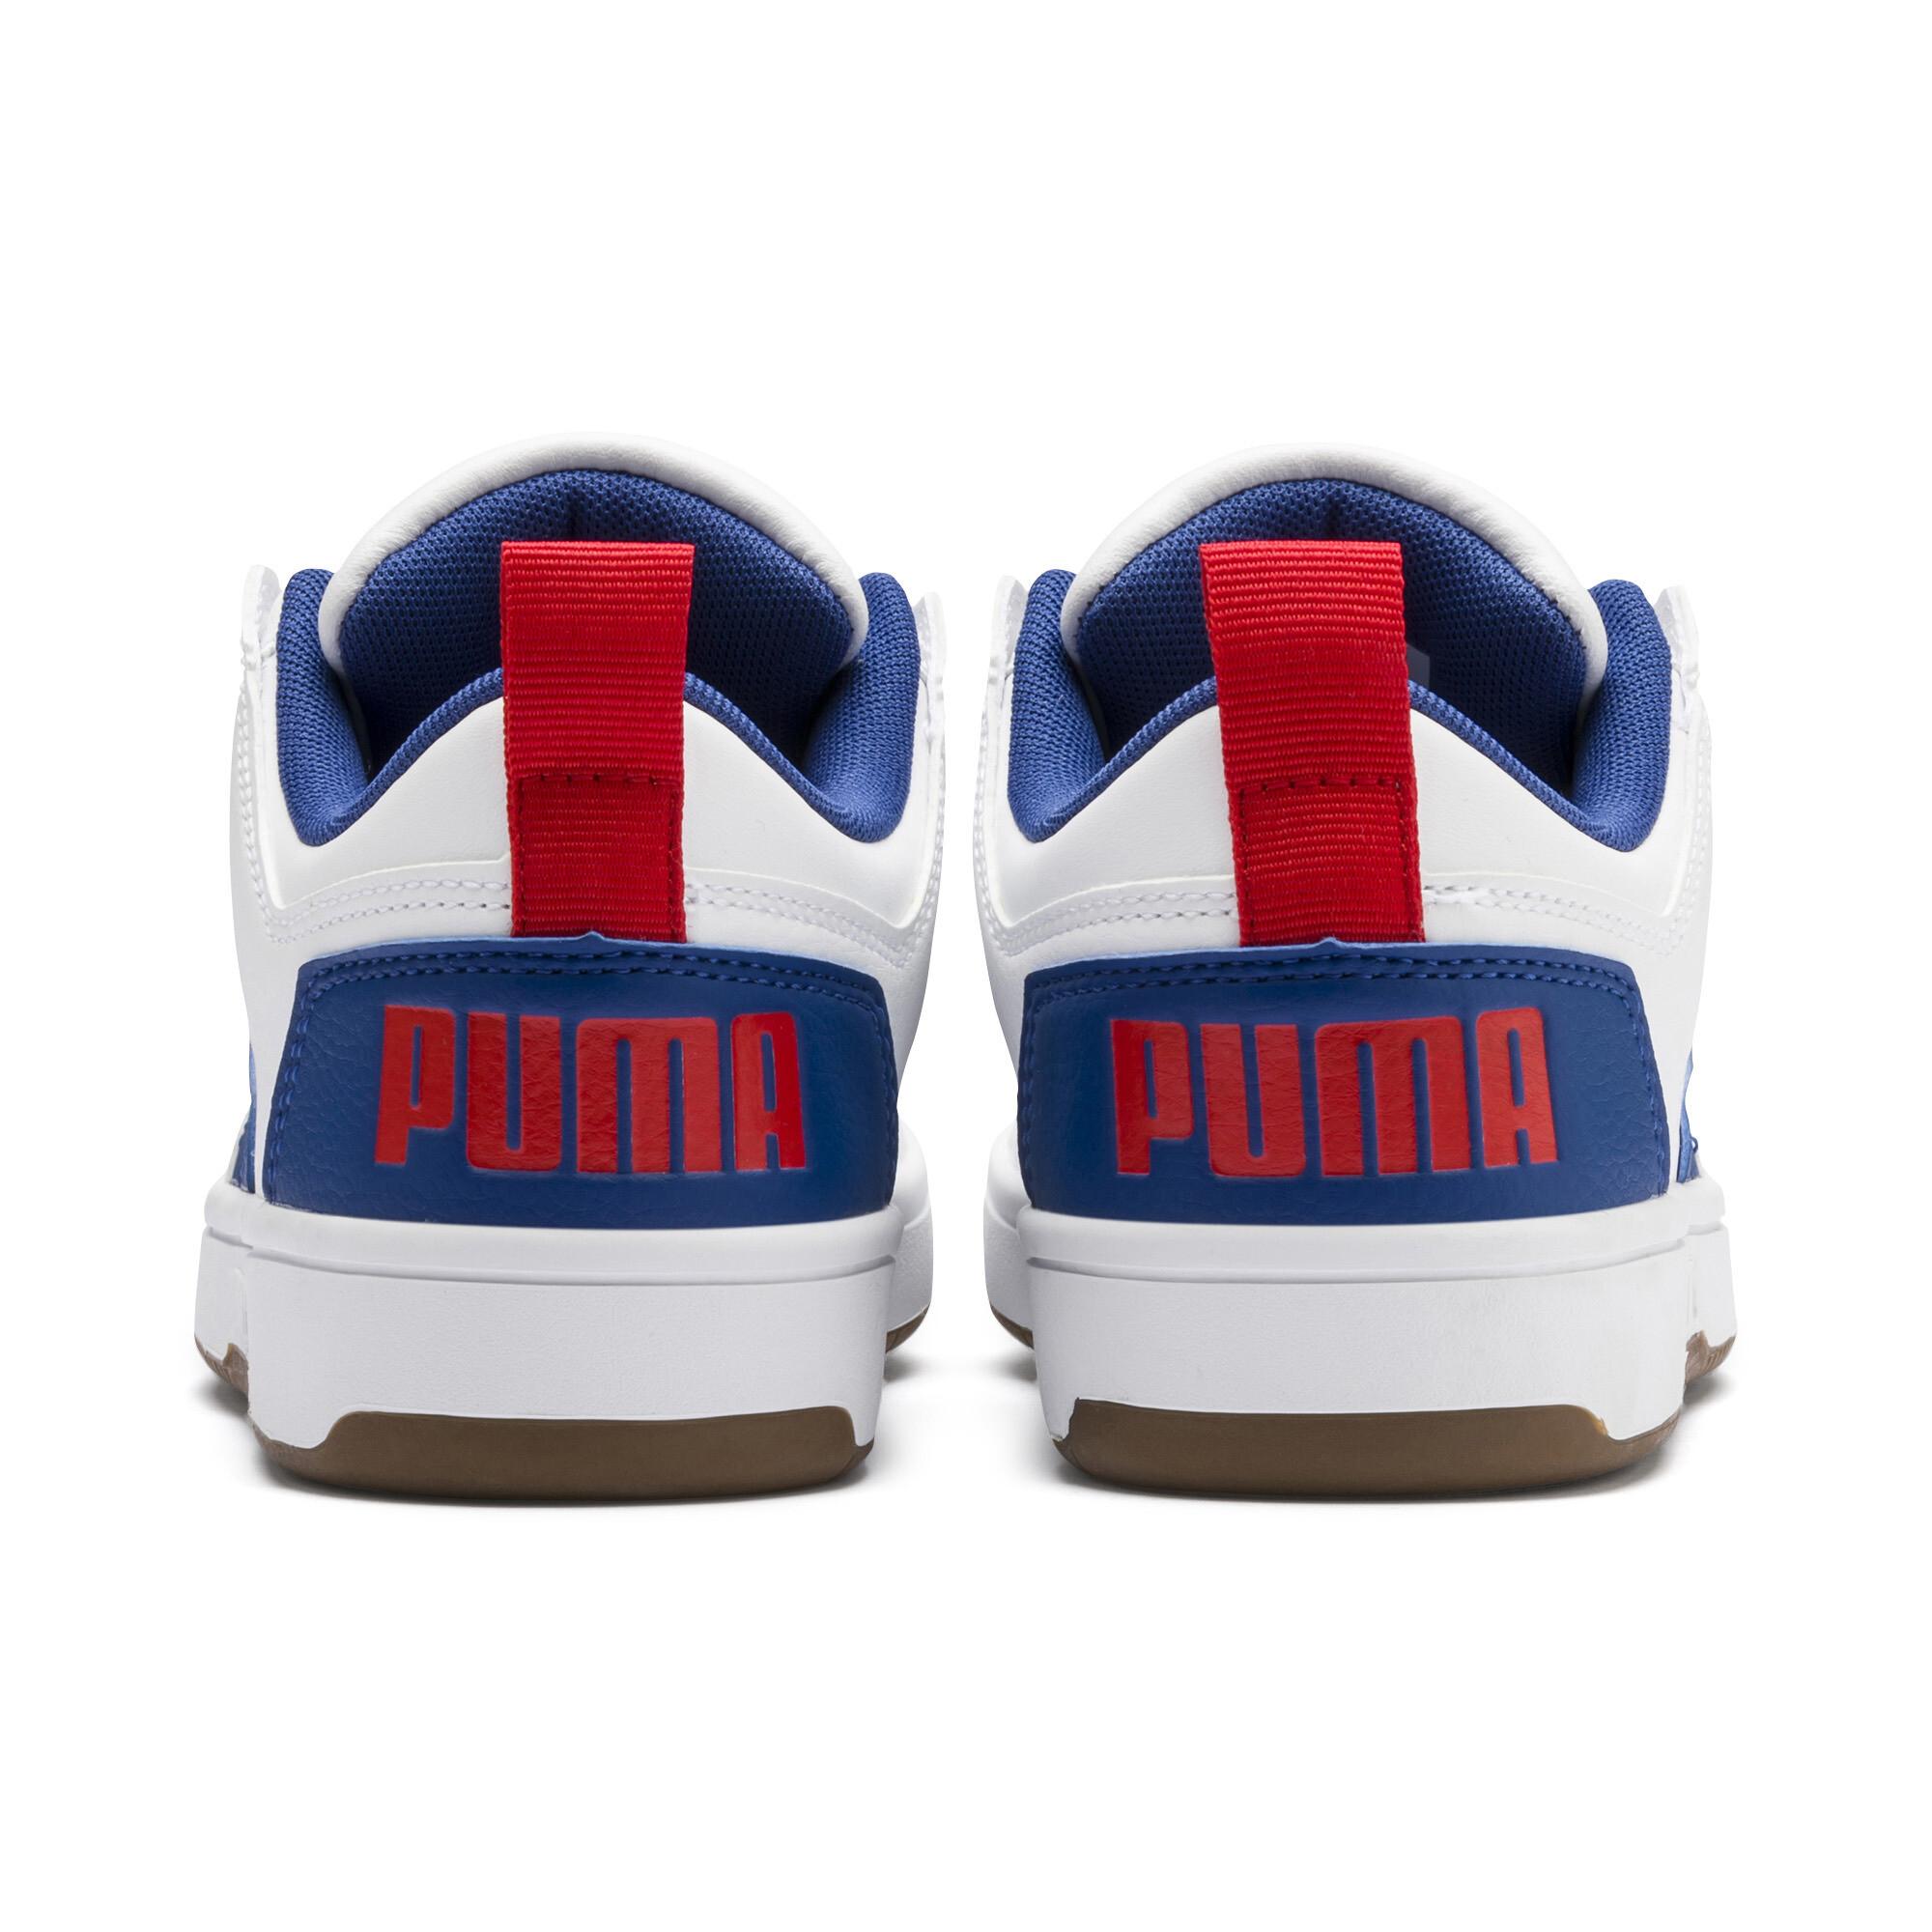 PUMA-PUMA-Rebound-LayUp-Lo-Sneakers-JR-Boys-Shoe-Kids thumbnail 21